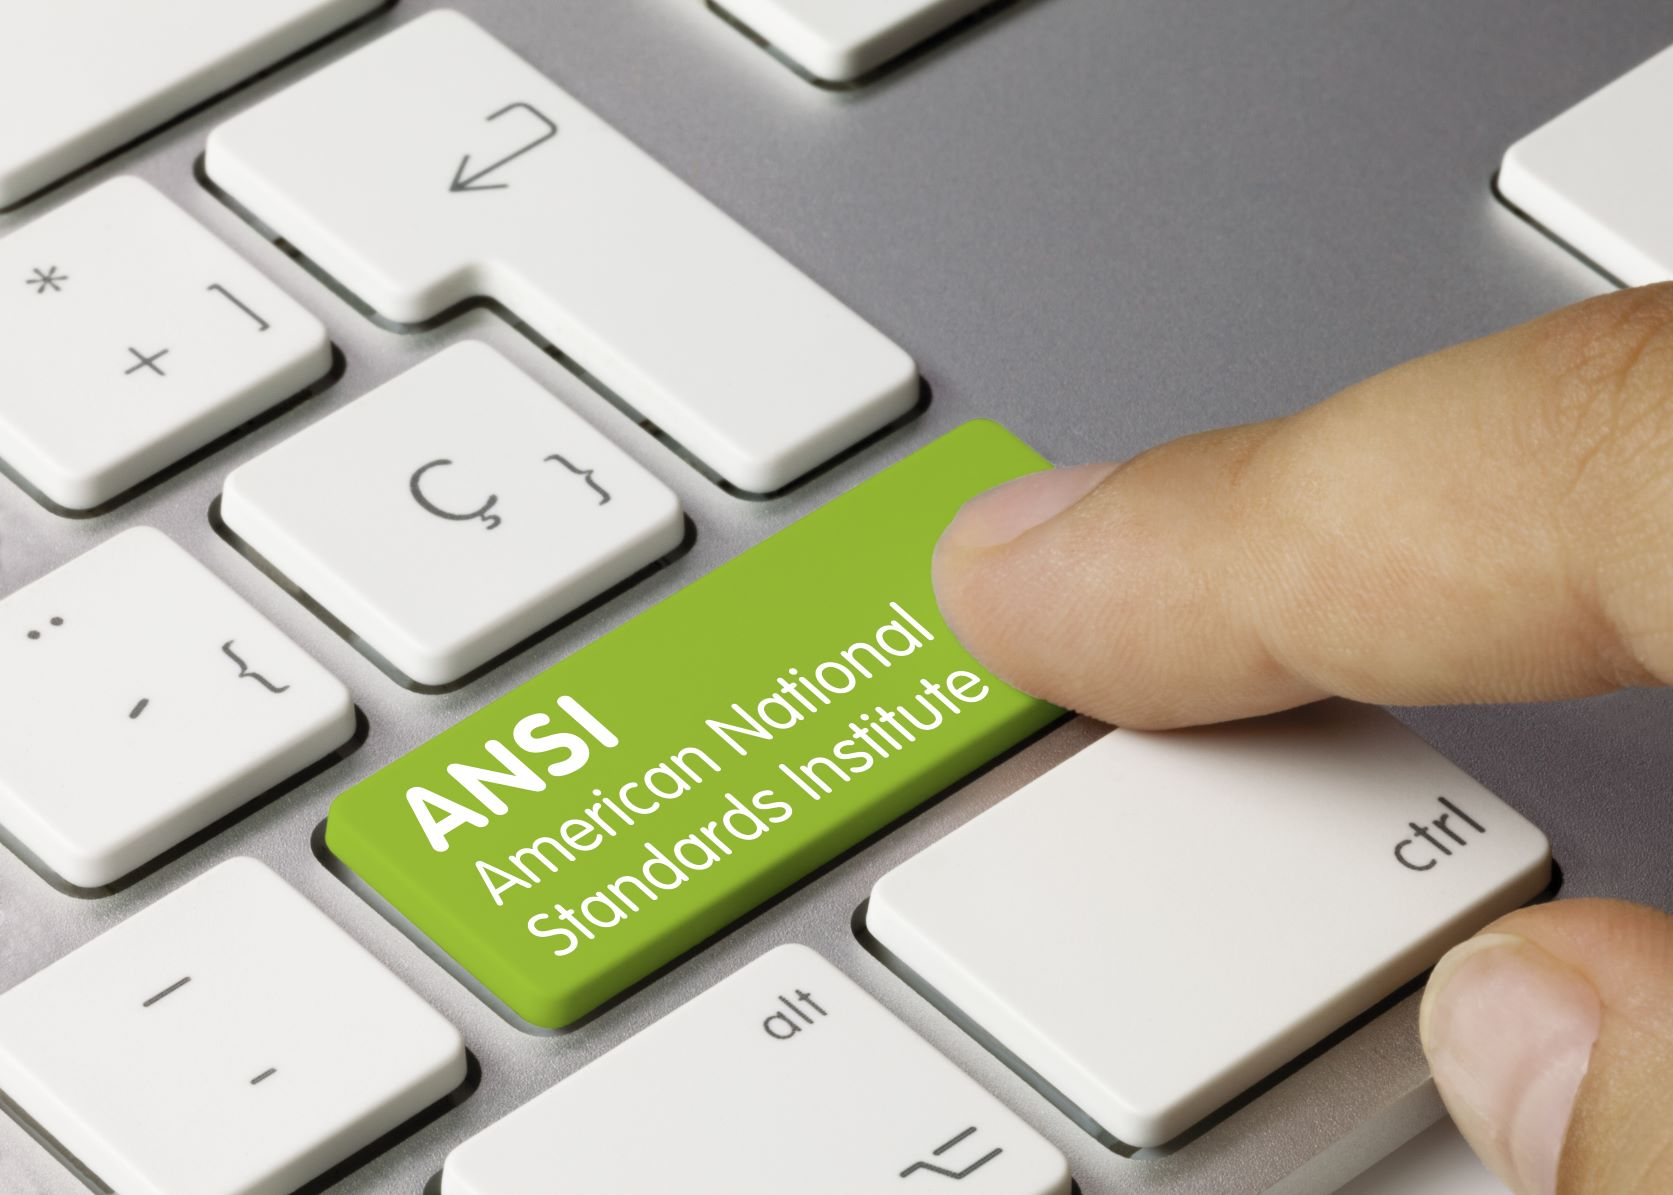 New ANSI/ASSP Z10 Standard